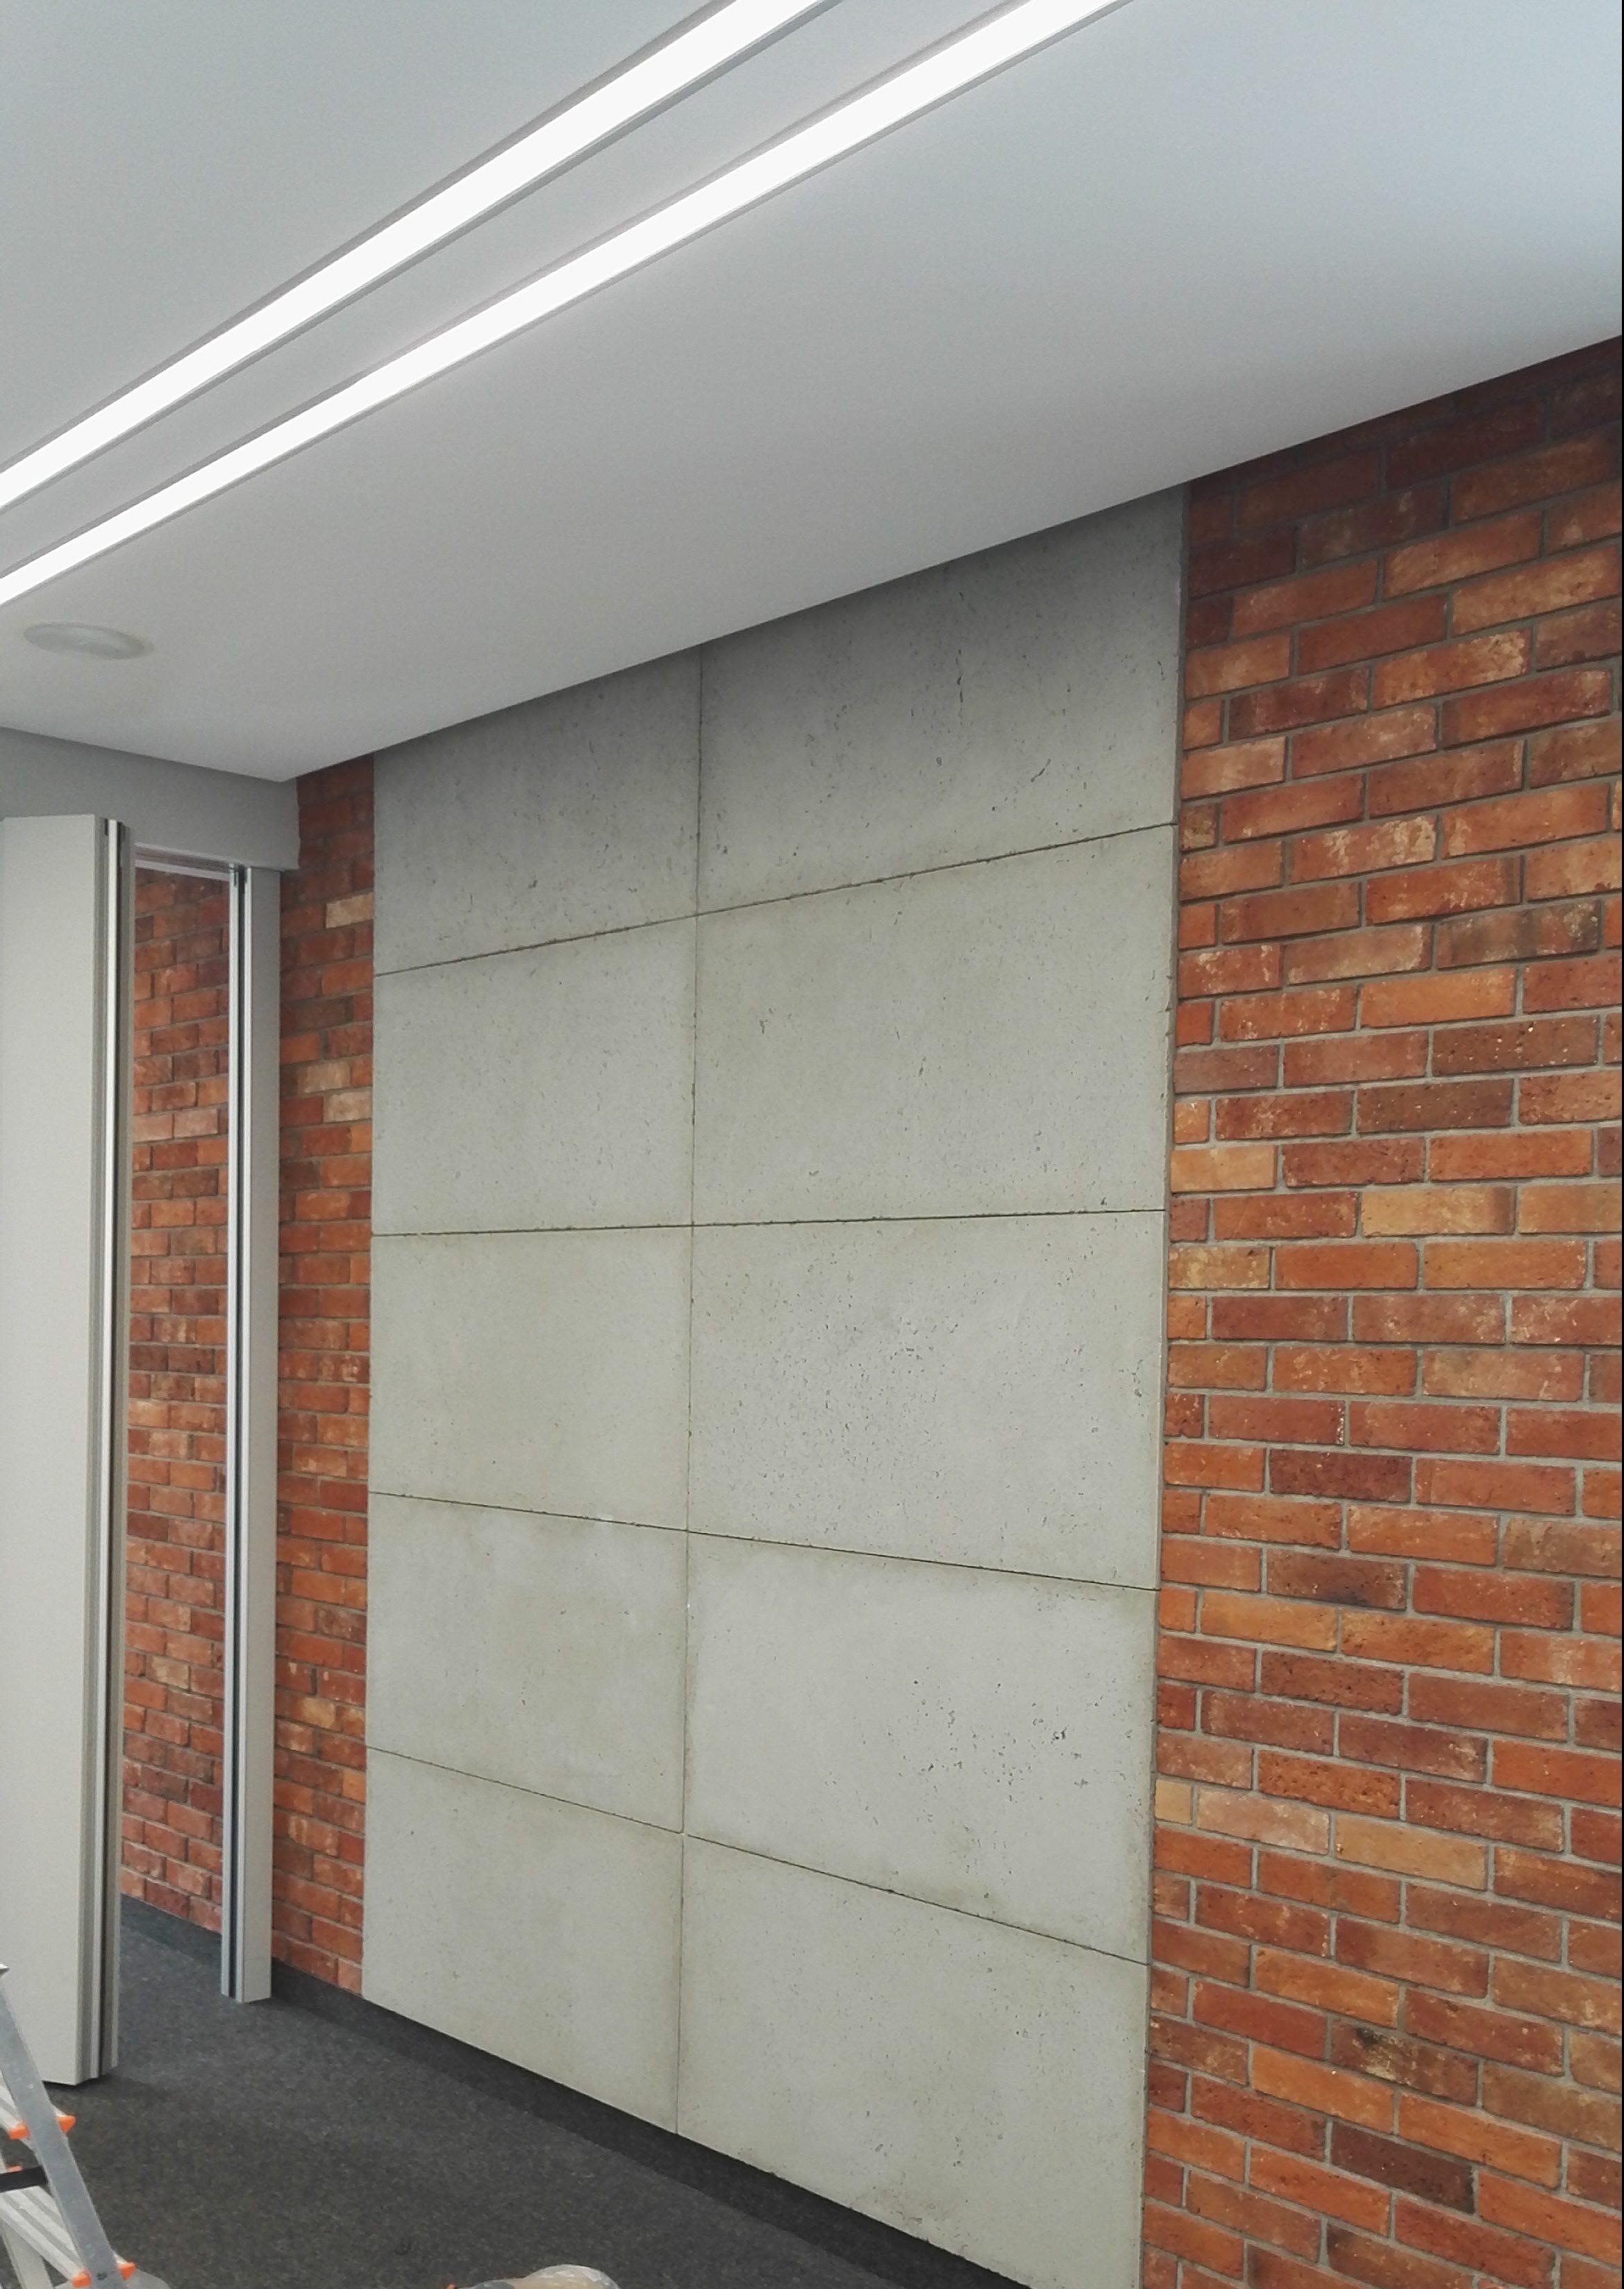 Beton Architektoniczny Płyty Betonowe Dekoracyjne Na